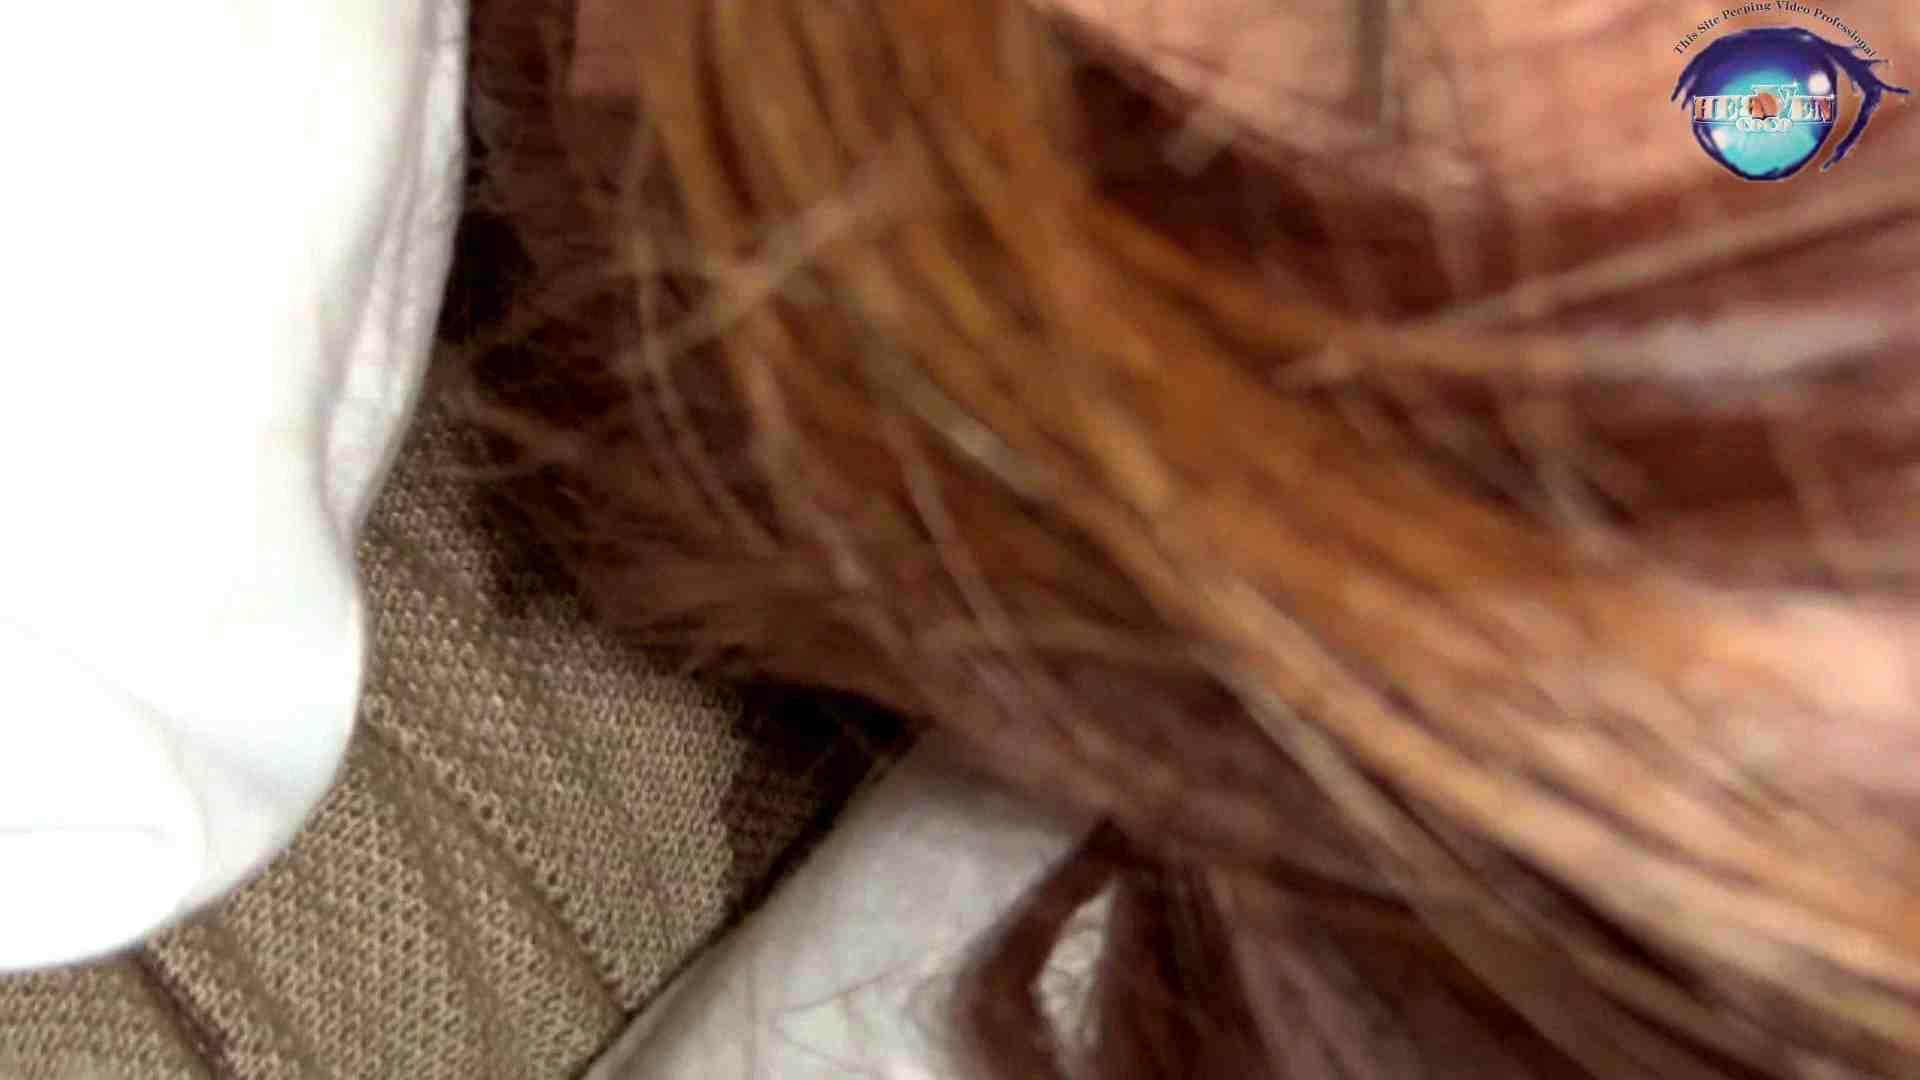 睡魔 シュウライ 第参十話 前半 乳首ポロリ  60画像 50